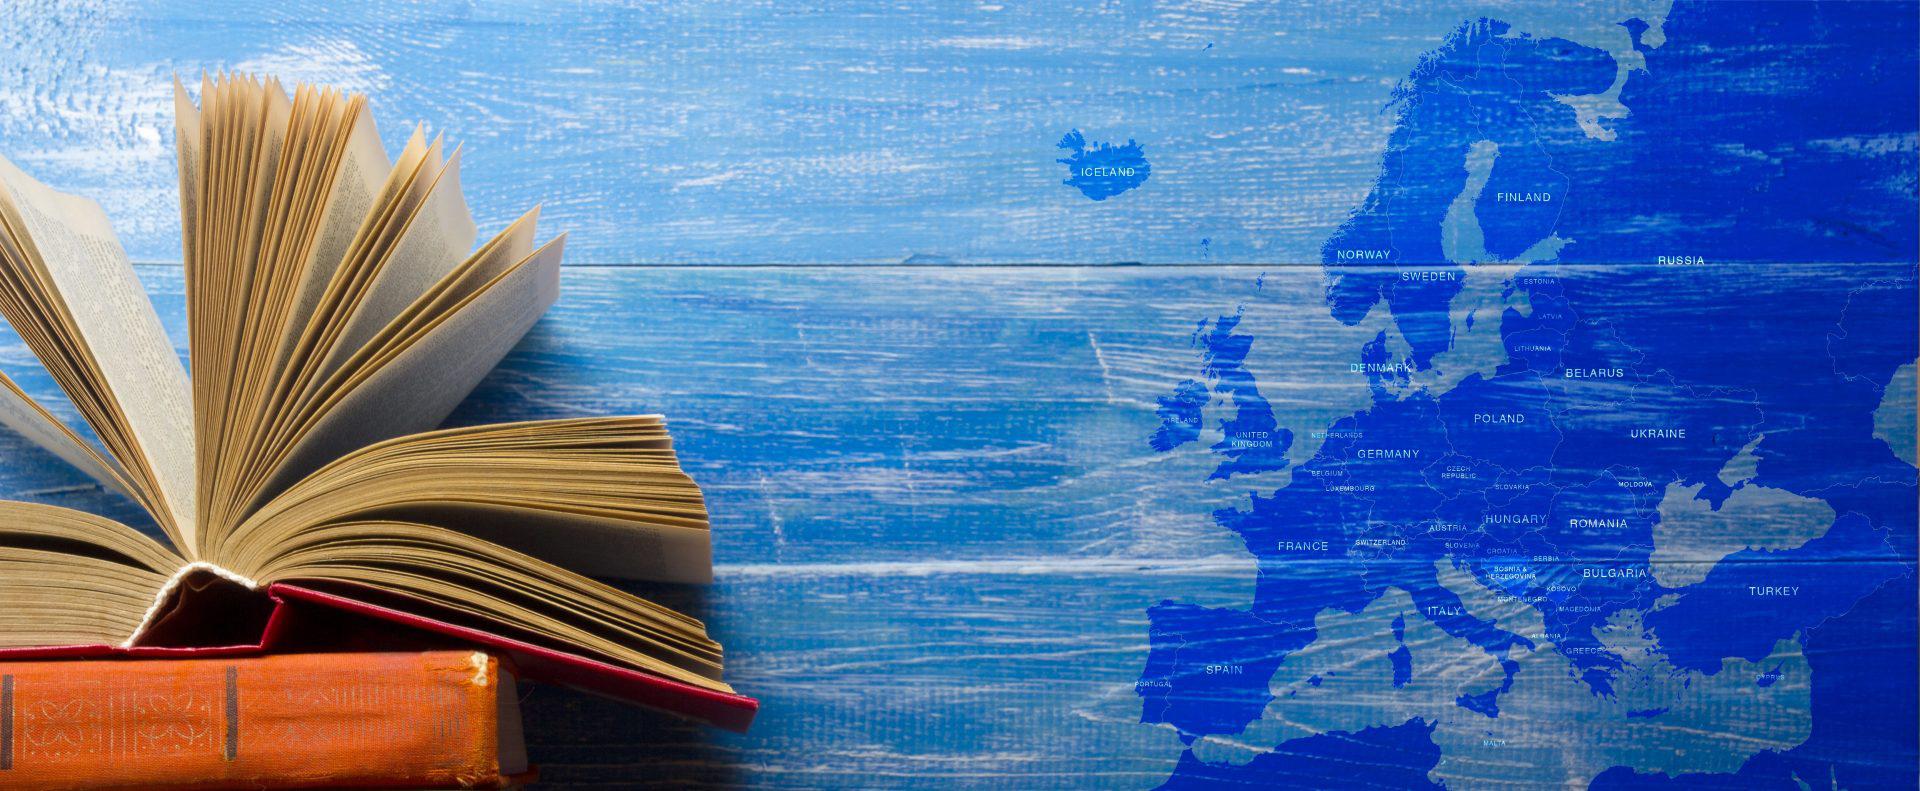 Η Ολοκήρωμένη Πρόταση για το θεωρητικό προσανατολισμό